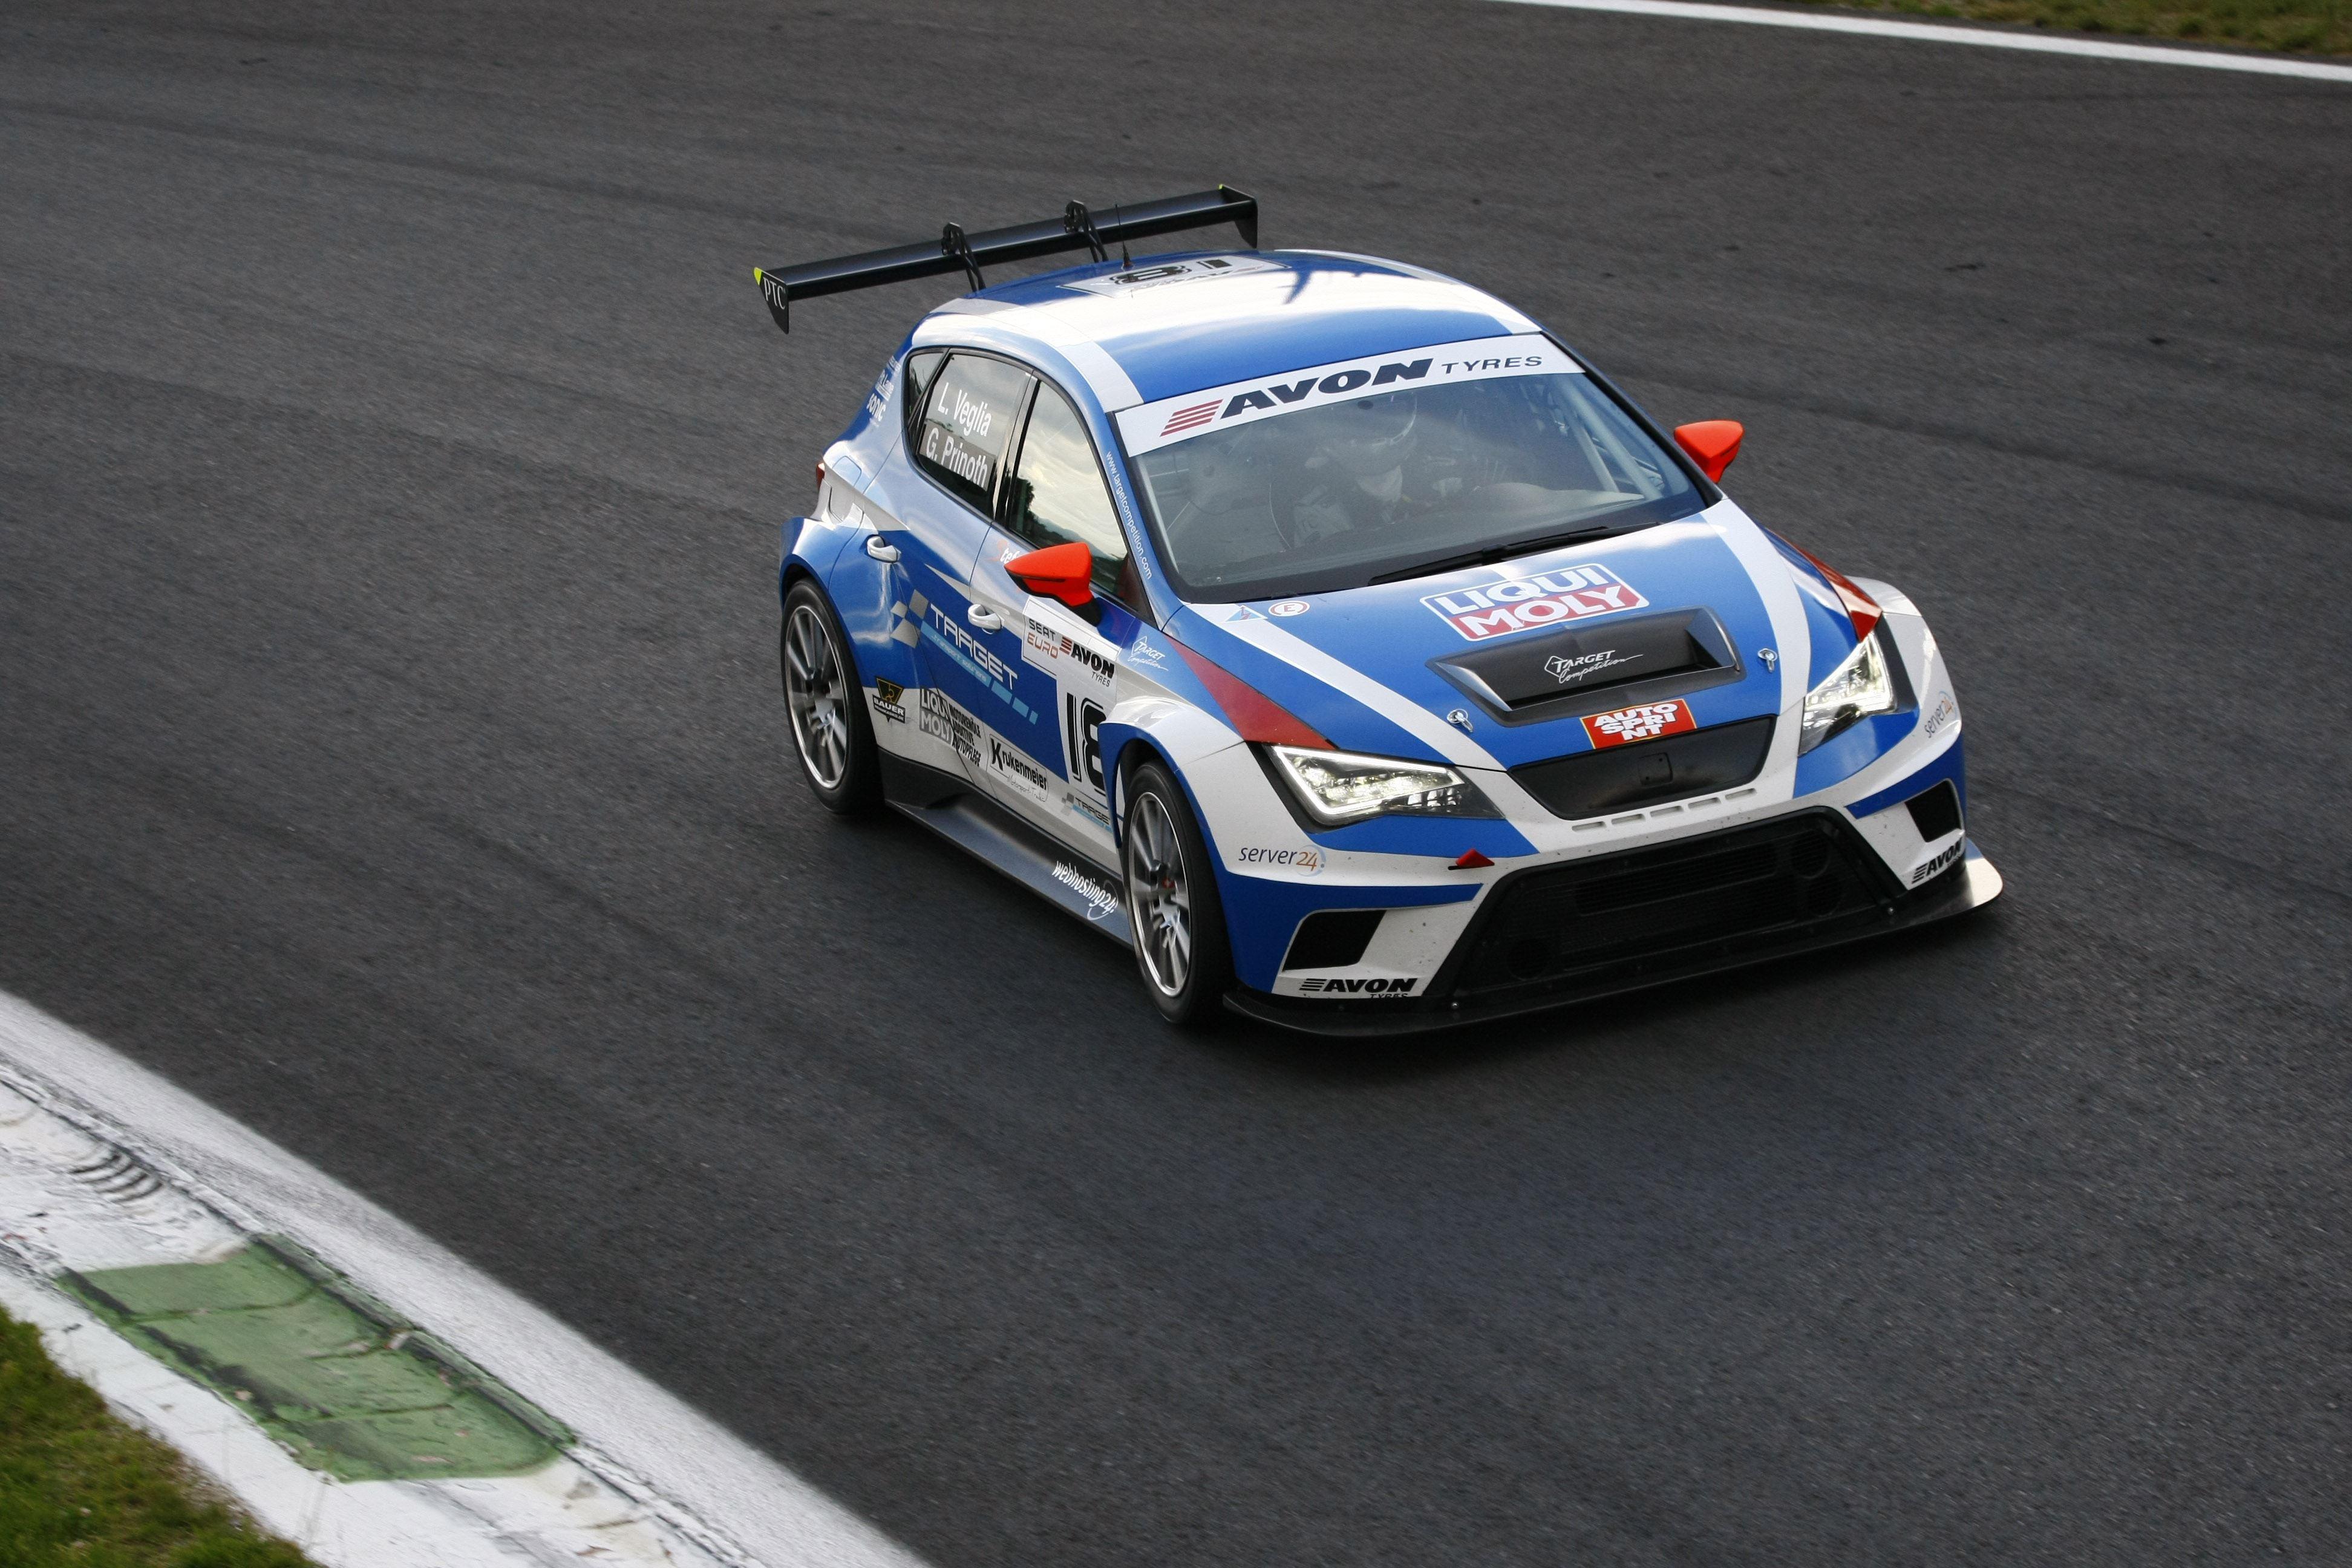 2014-img-CITE-Monza-prinoth3